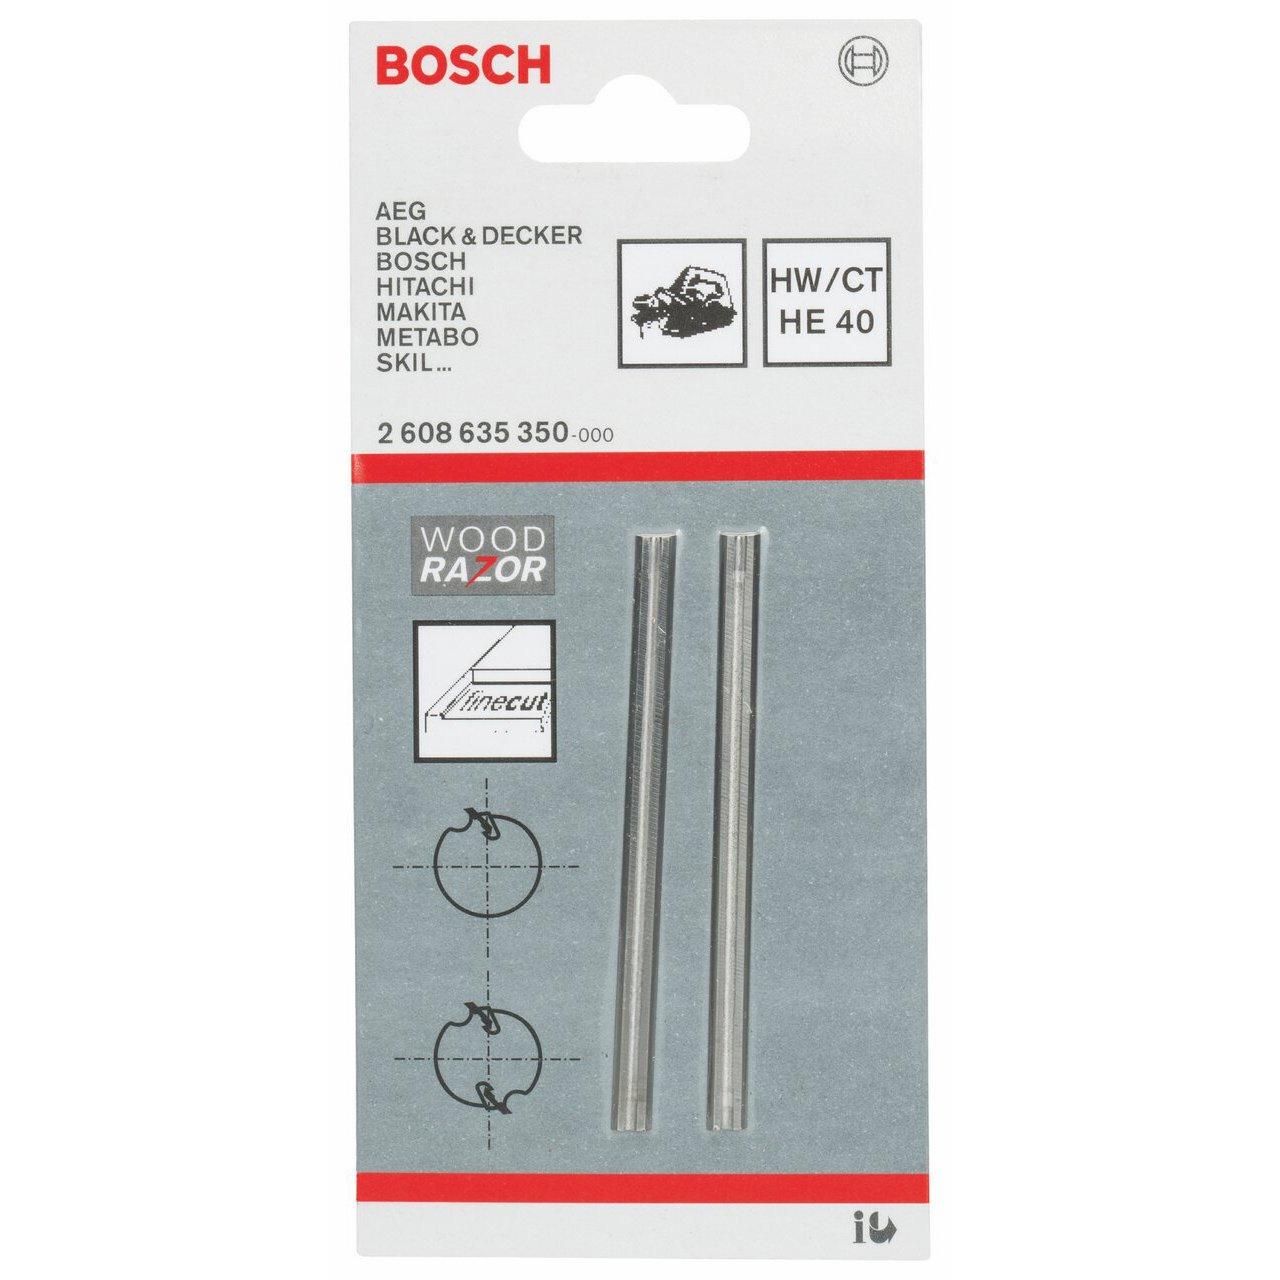 Alluminio 82 mm 850 W 14000 giri//minuto 2608635376 Lama per Pialletto in Metallo Duro Bosch Professional GHO 40-82 C Pialletto 3.2 kg Blu